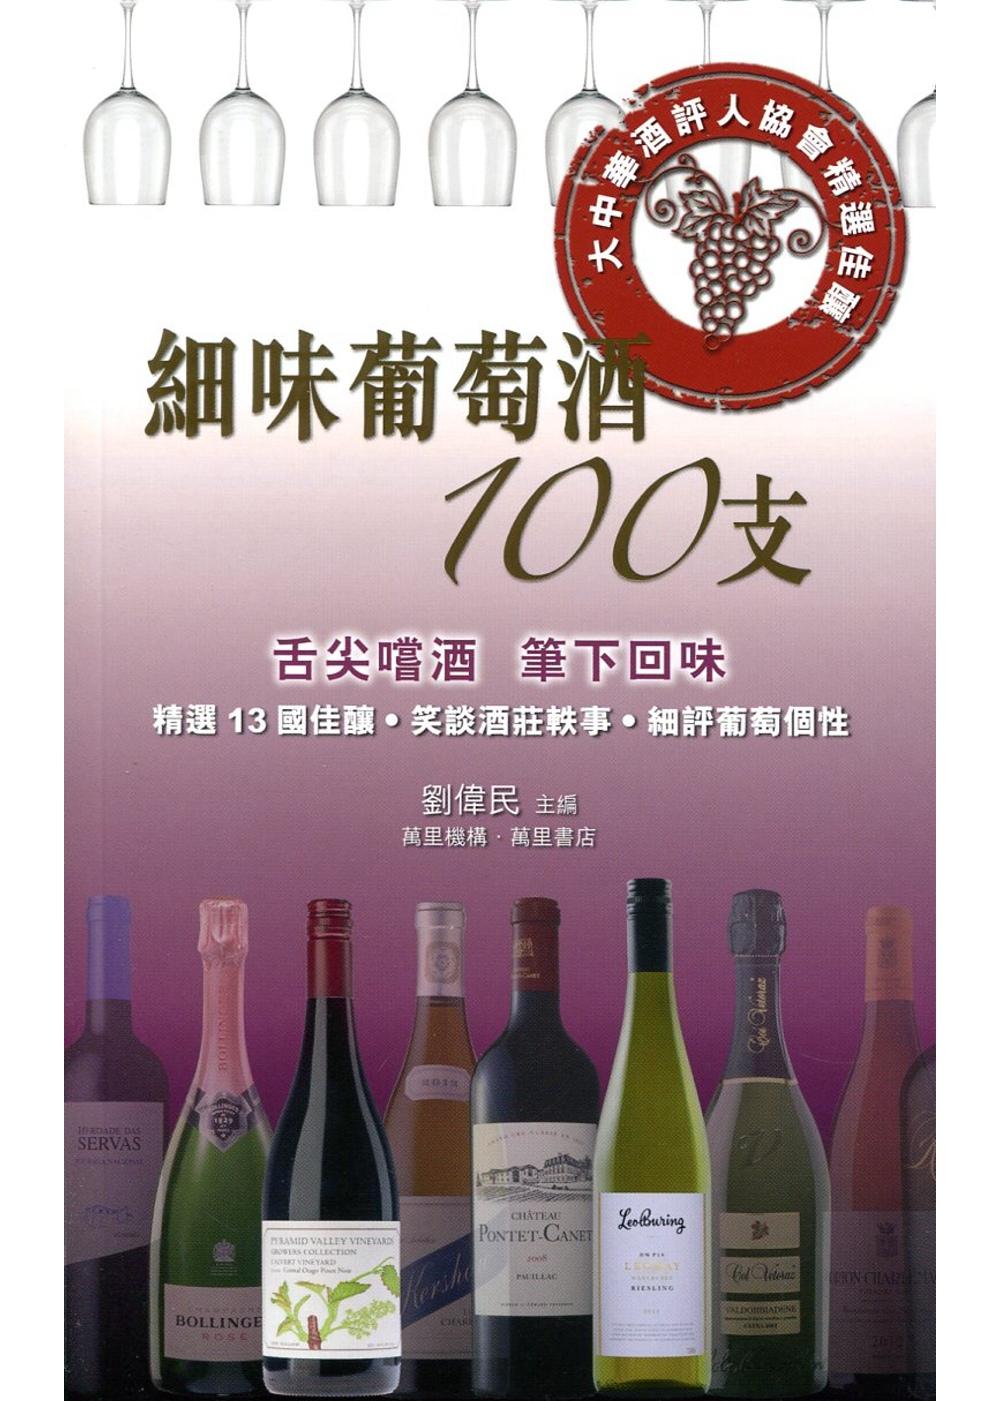 細味葡萄酒100支